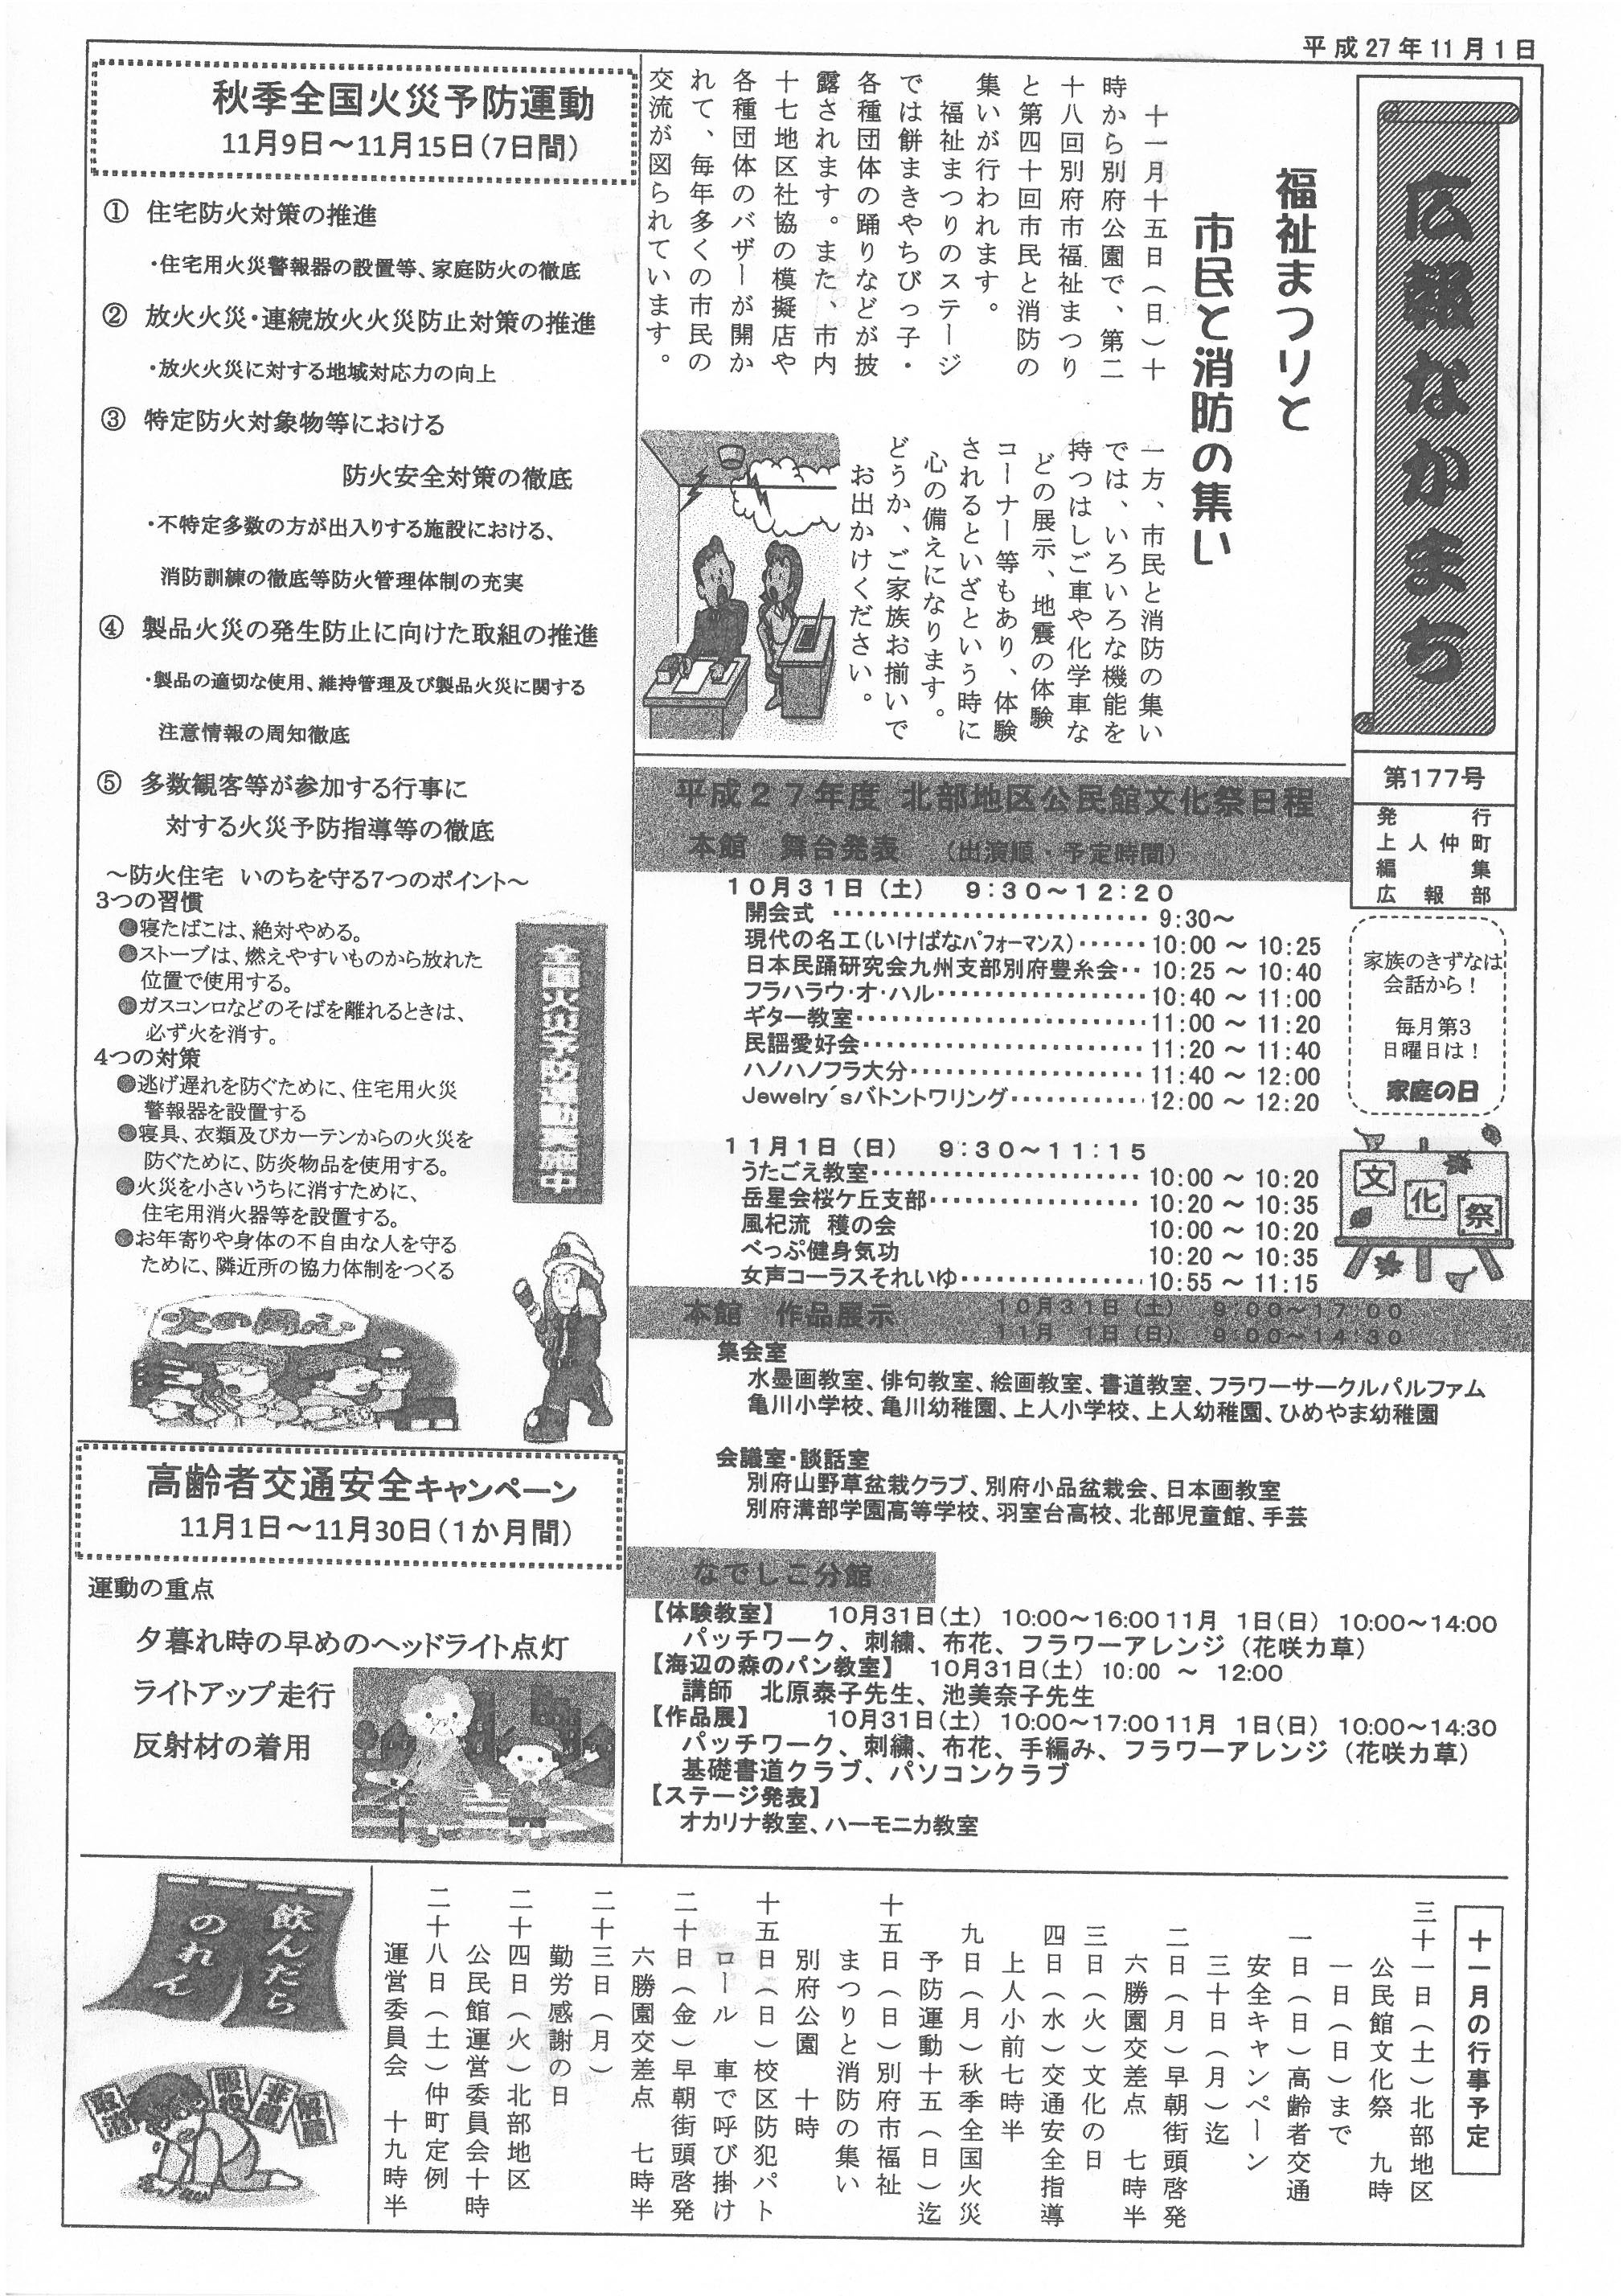 kohonakamachi2015_11